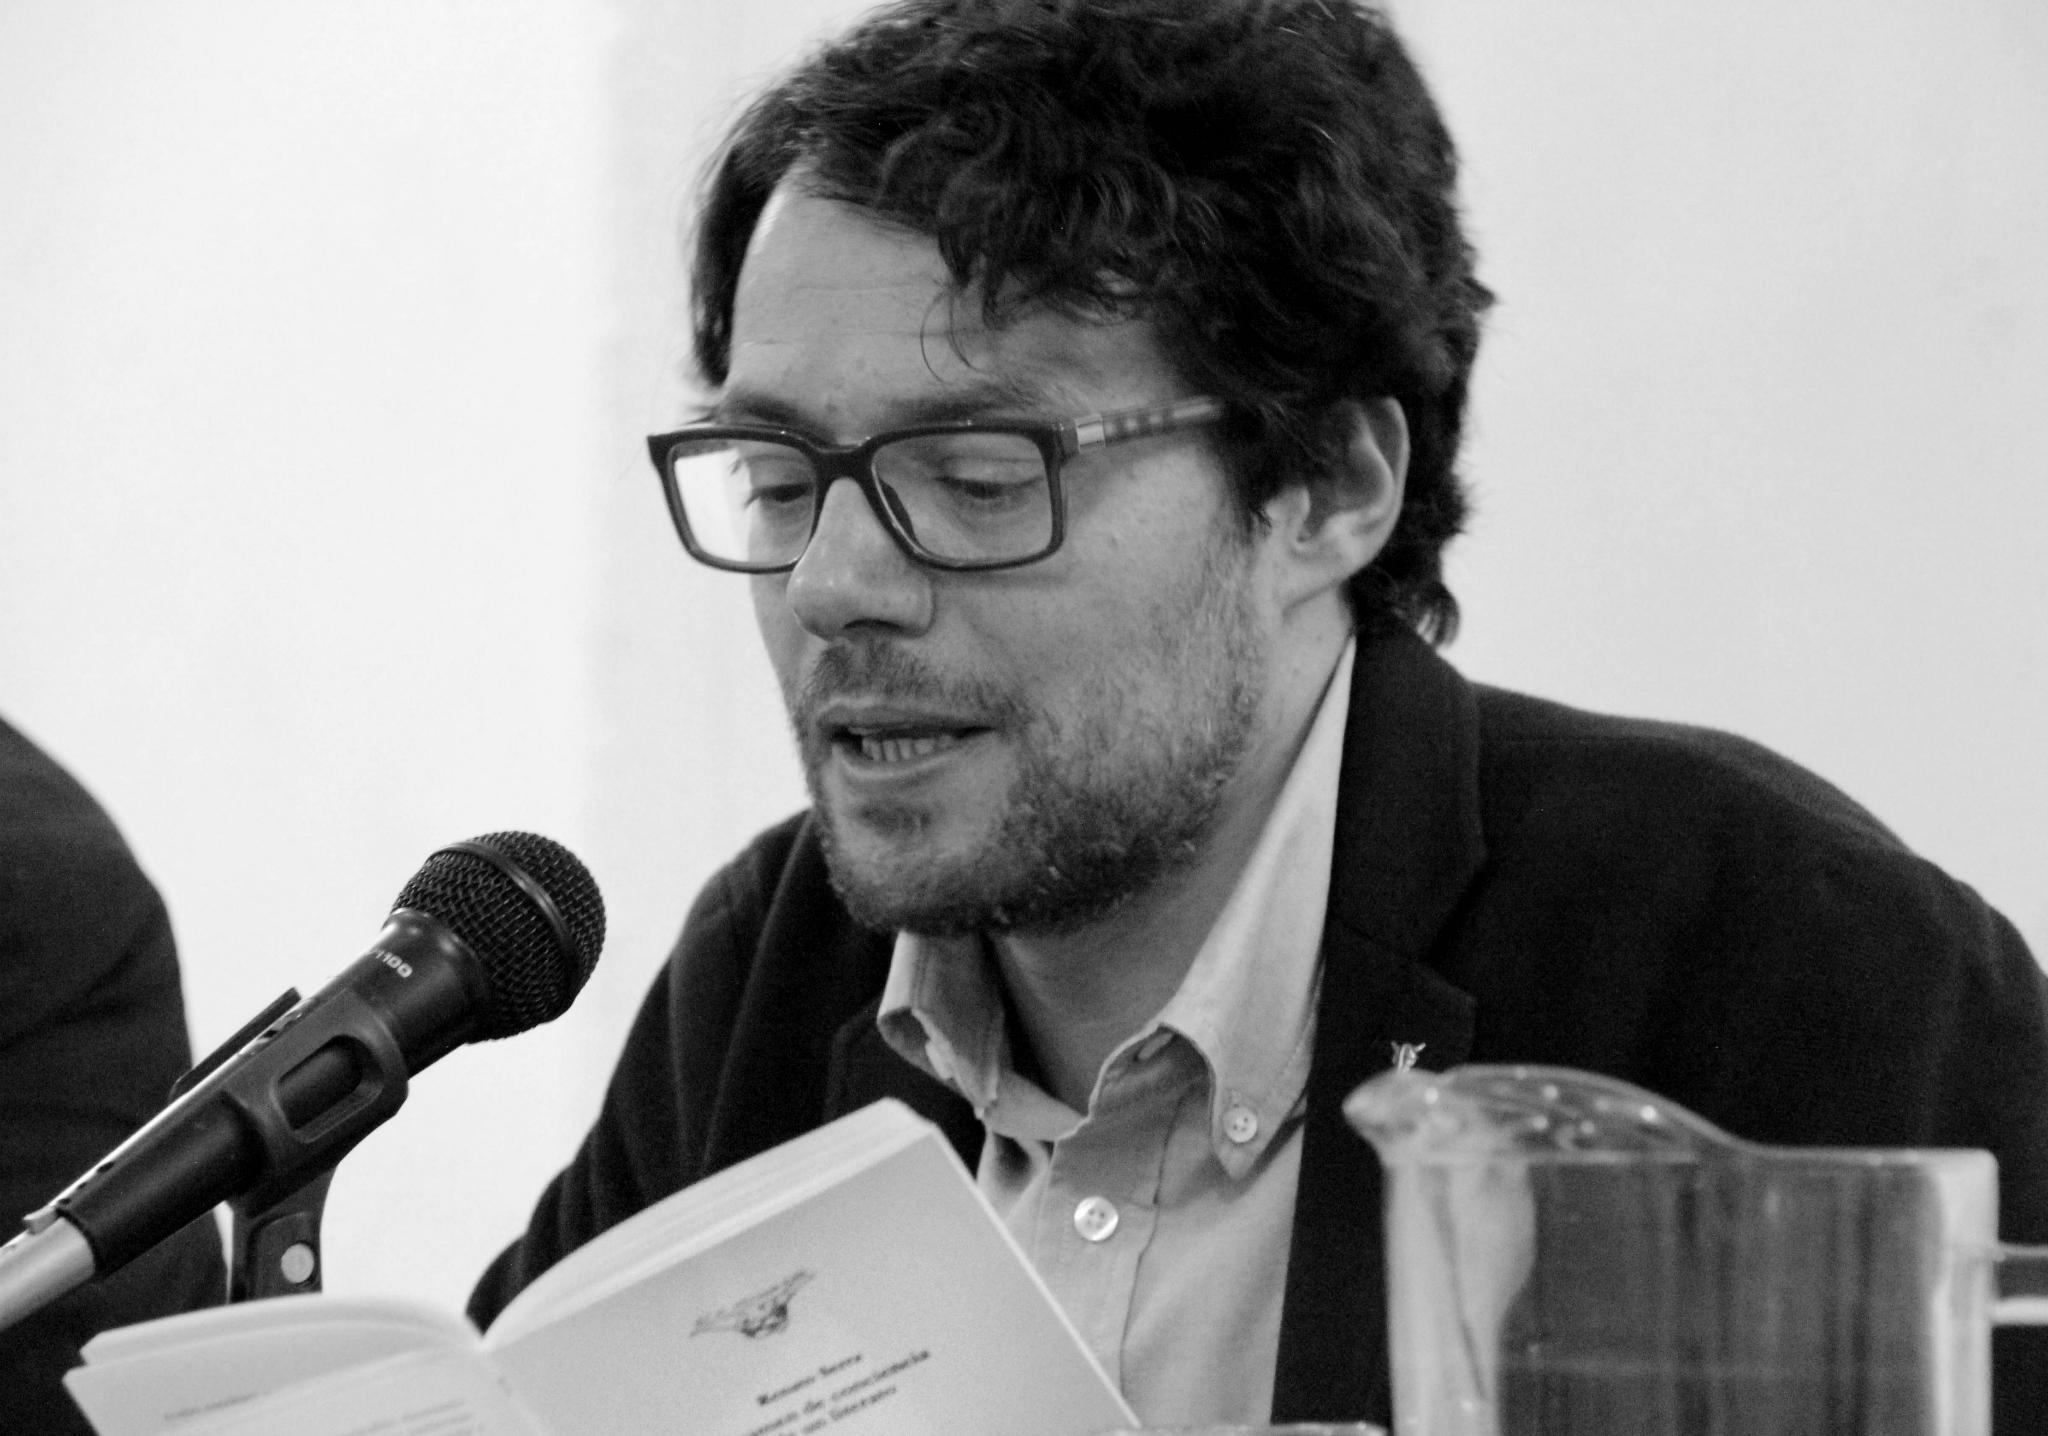 Fabrizio Cossalter de Ai Trani Editores